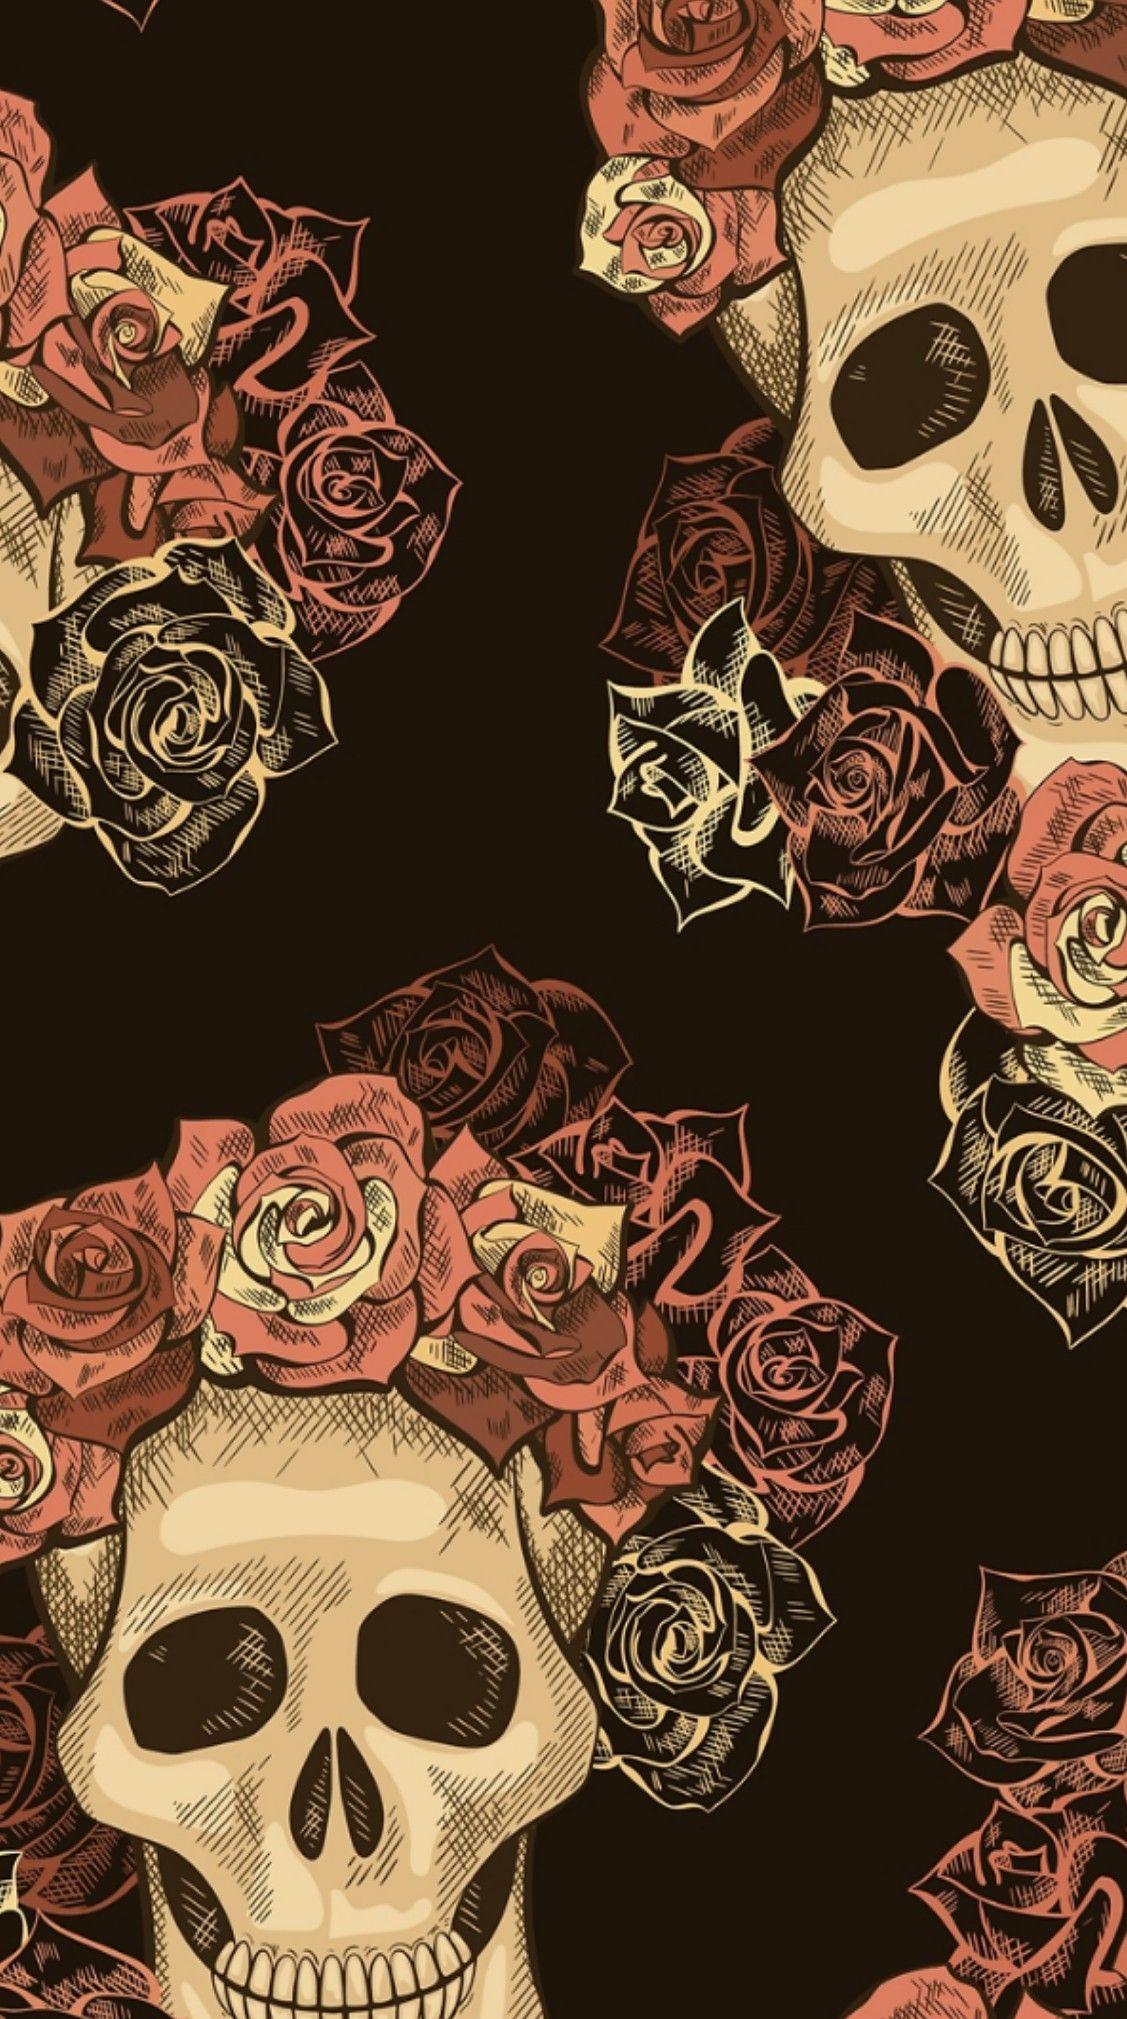 Skulls Wallpaper Witchy Wallpaper Skull Wallpaper Fall Wallpaper